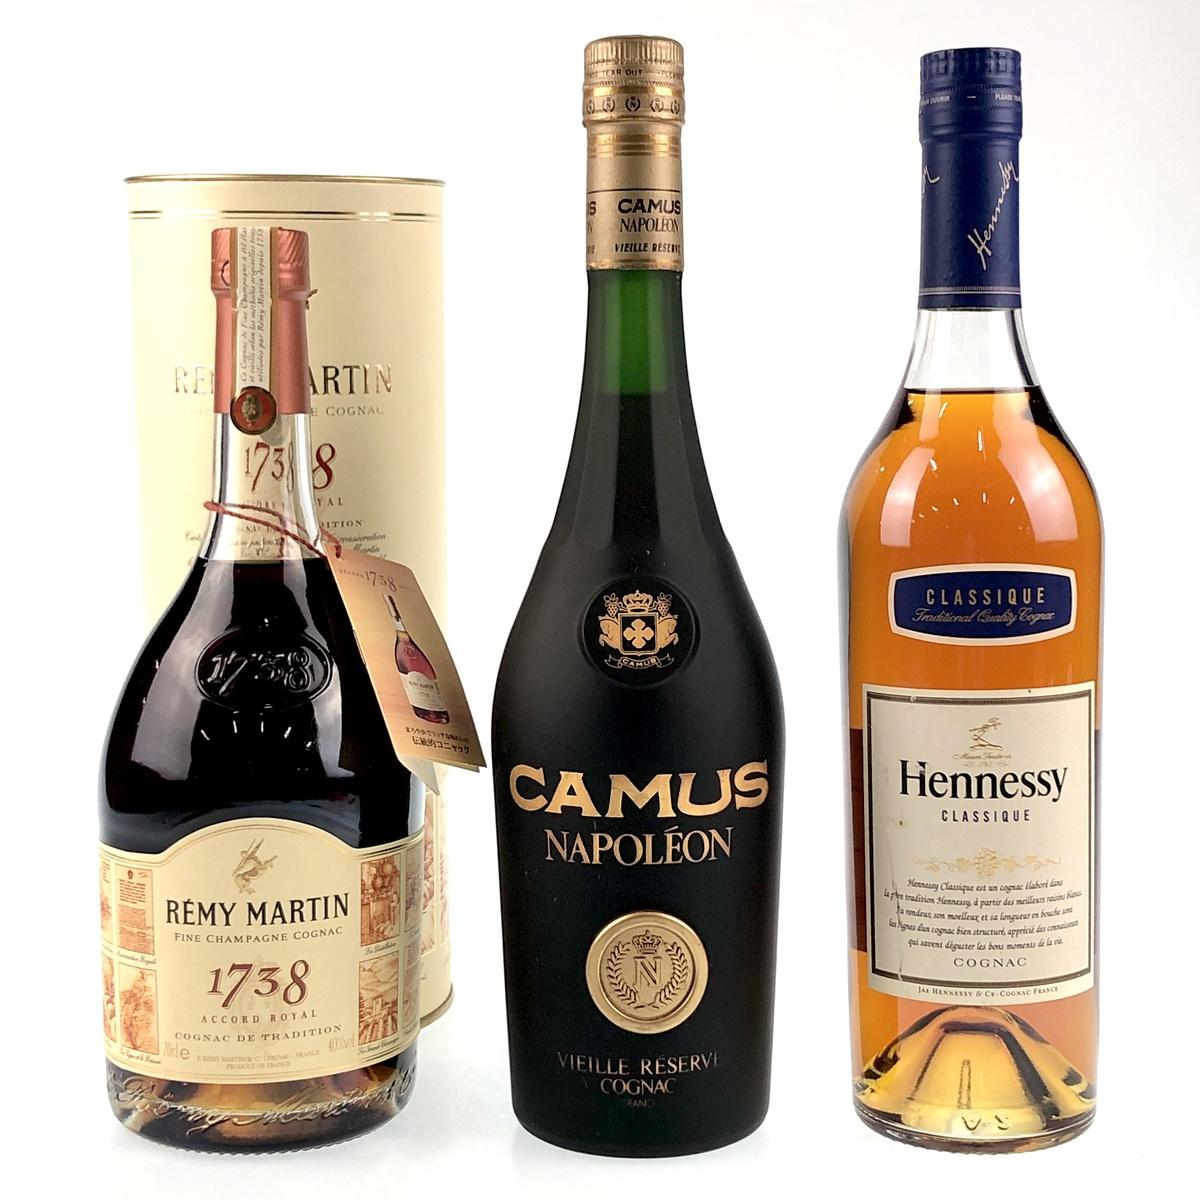 【店内最大70%OFF!10/4 20:00-10/11 1:59迄】 5%OFF 3本 REMY MARTIN CAMUS Hennessy コニャック 700ml ブランデー セット 【中古】